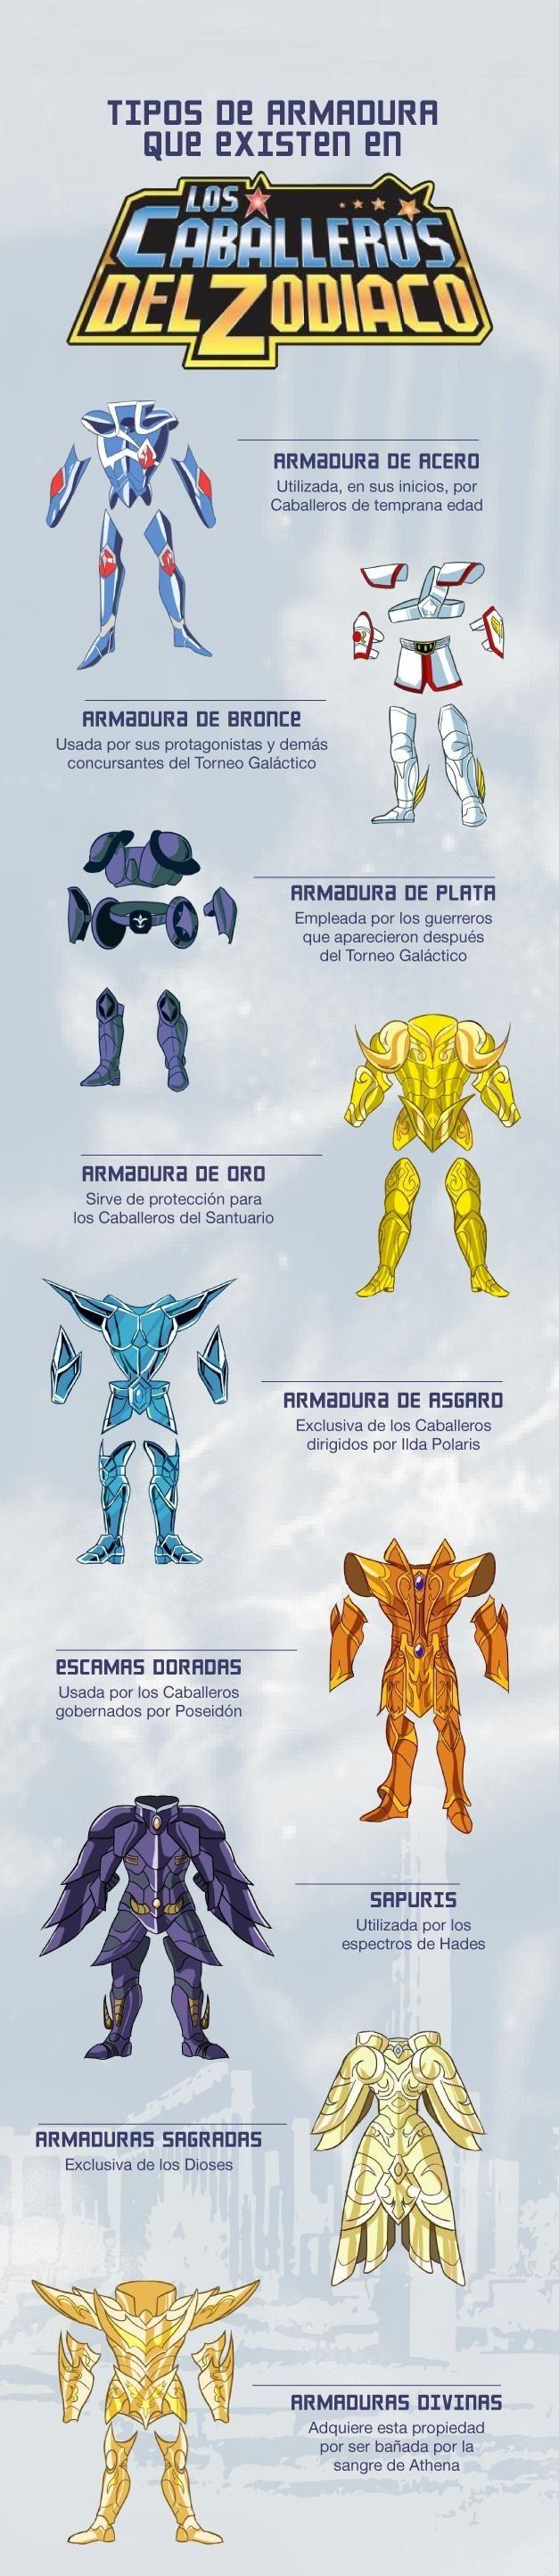 Tipos de armadura que existen en Los Caballeros del Zodiaco